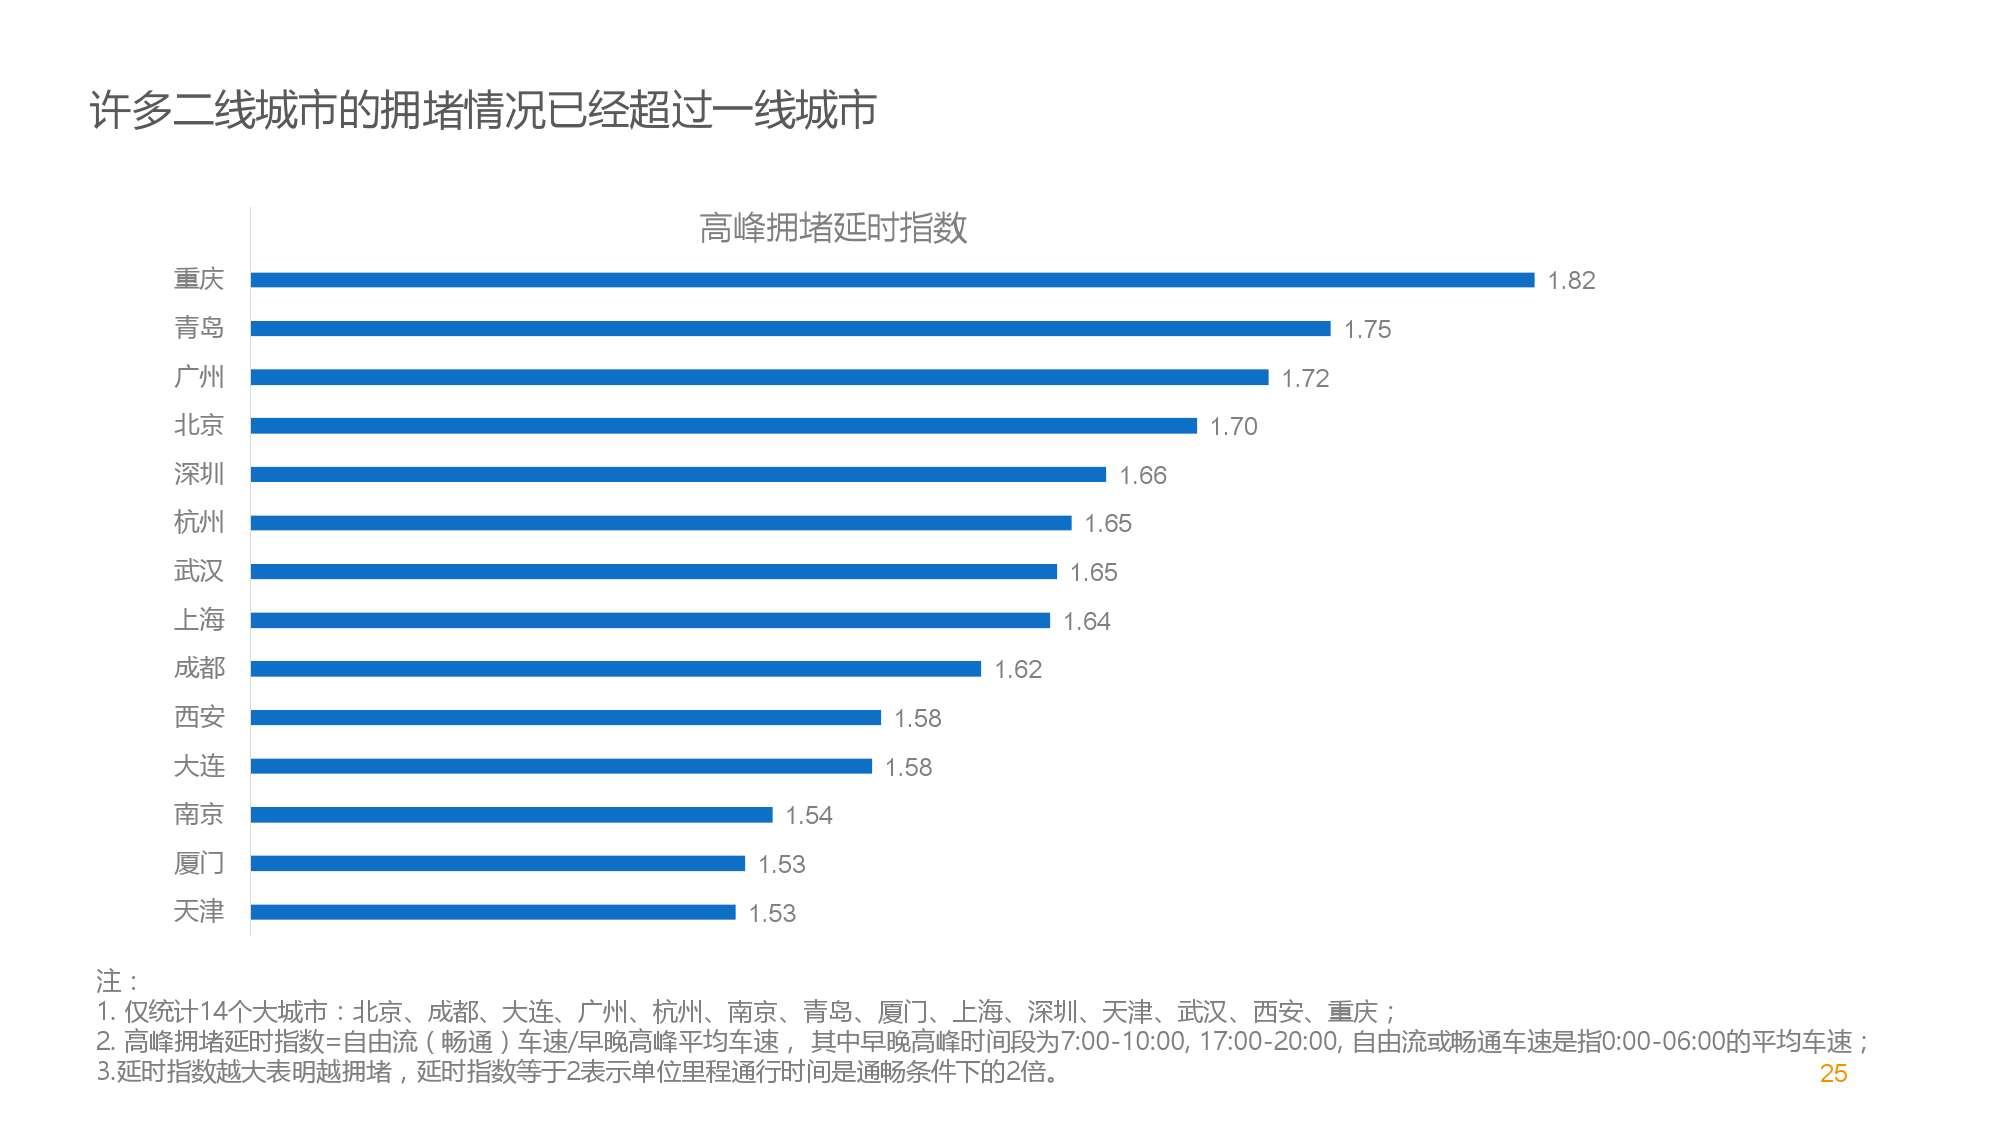 中国智能出行2015大数据报告_000025